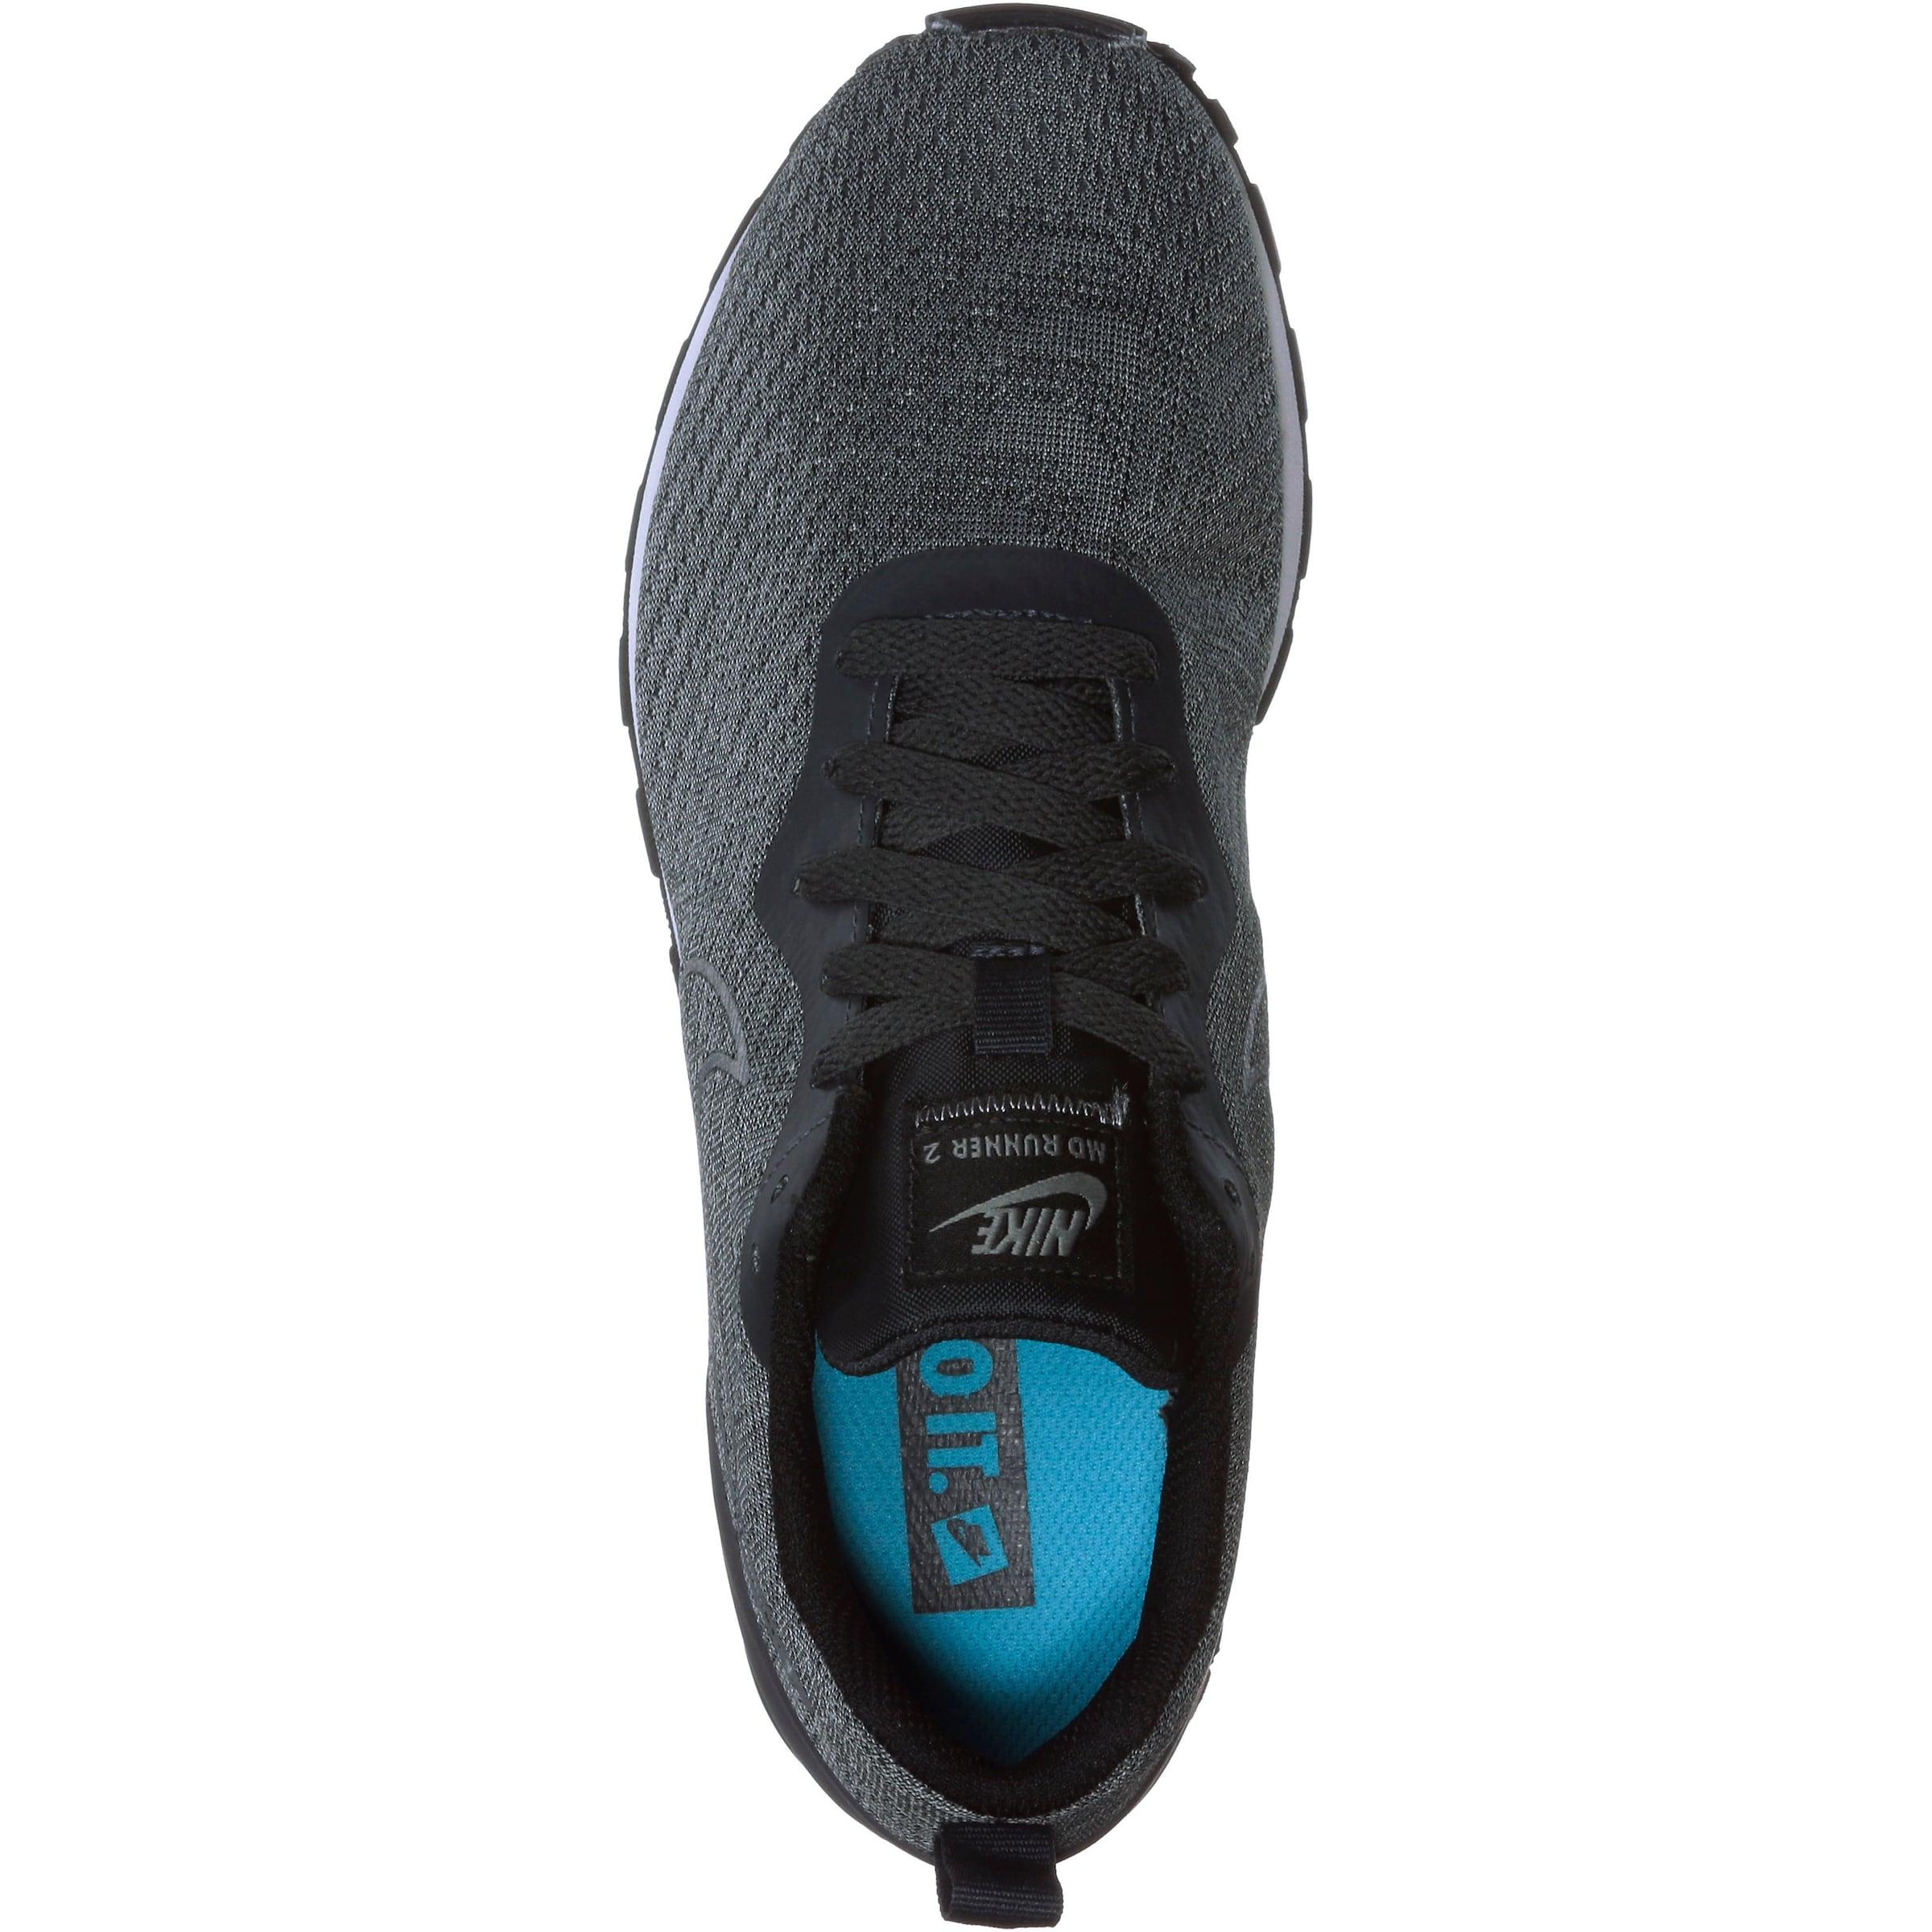 Nike 'WMNS Nike Sneaker MD ENG RUNNER Sportswear MESH' Sportswear 2 PwaqInBdPx